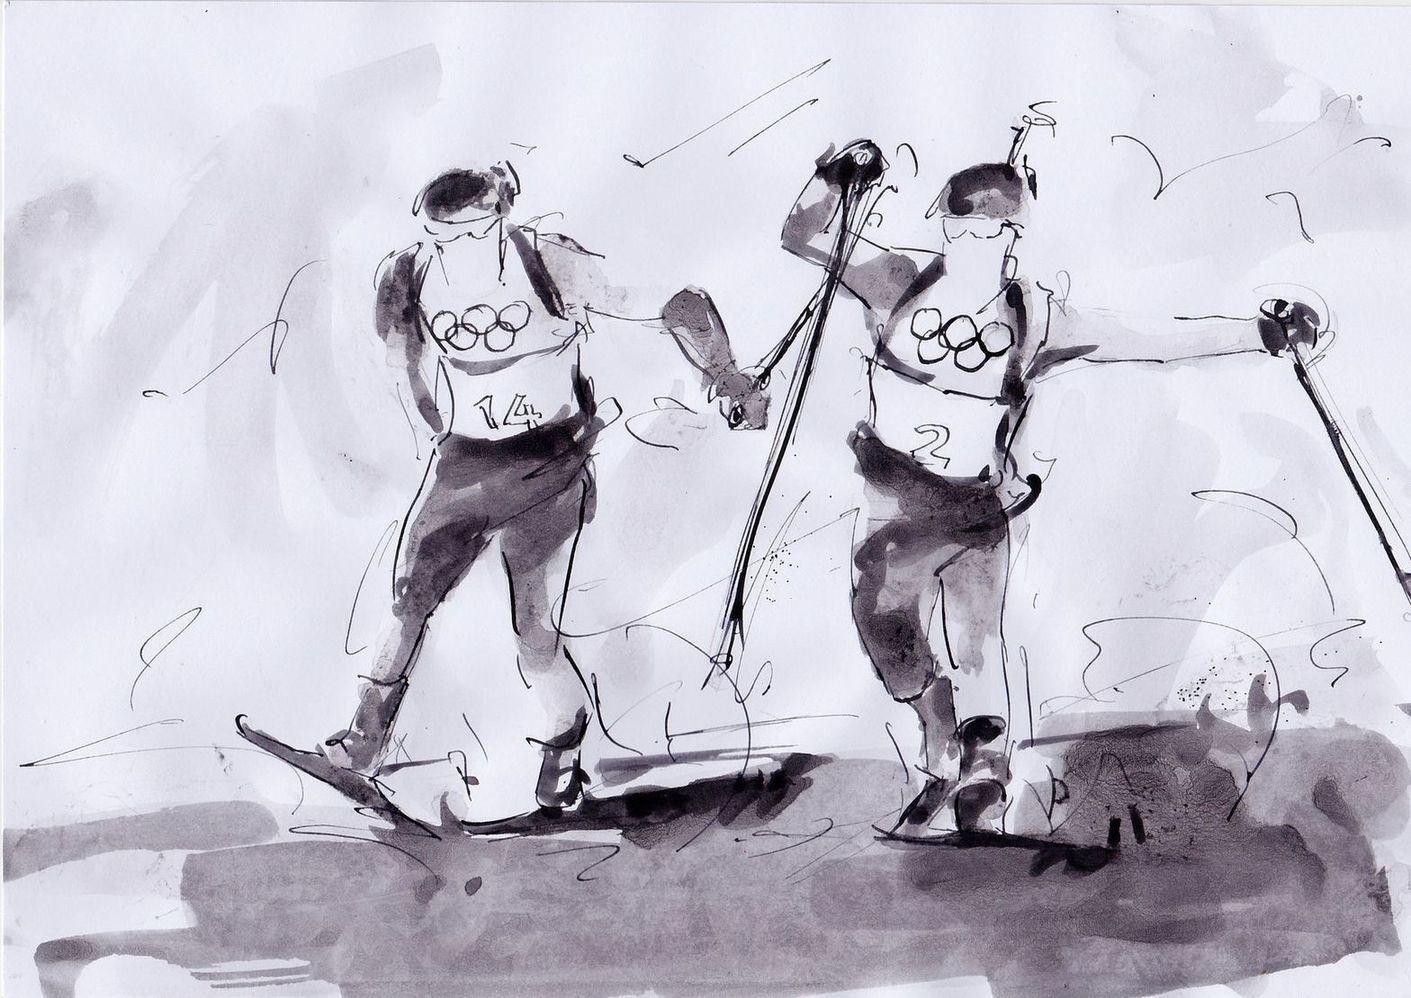 art peinture sport de glisse biathlon Jeux olympiques d'hiver Médaille d'or Pyeongchang JO 2018 : La victoire de Martin Fourcade en biathlon (Mass Start)